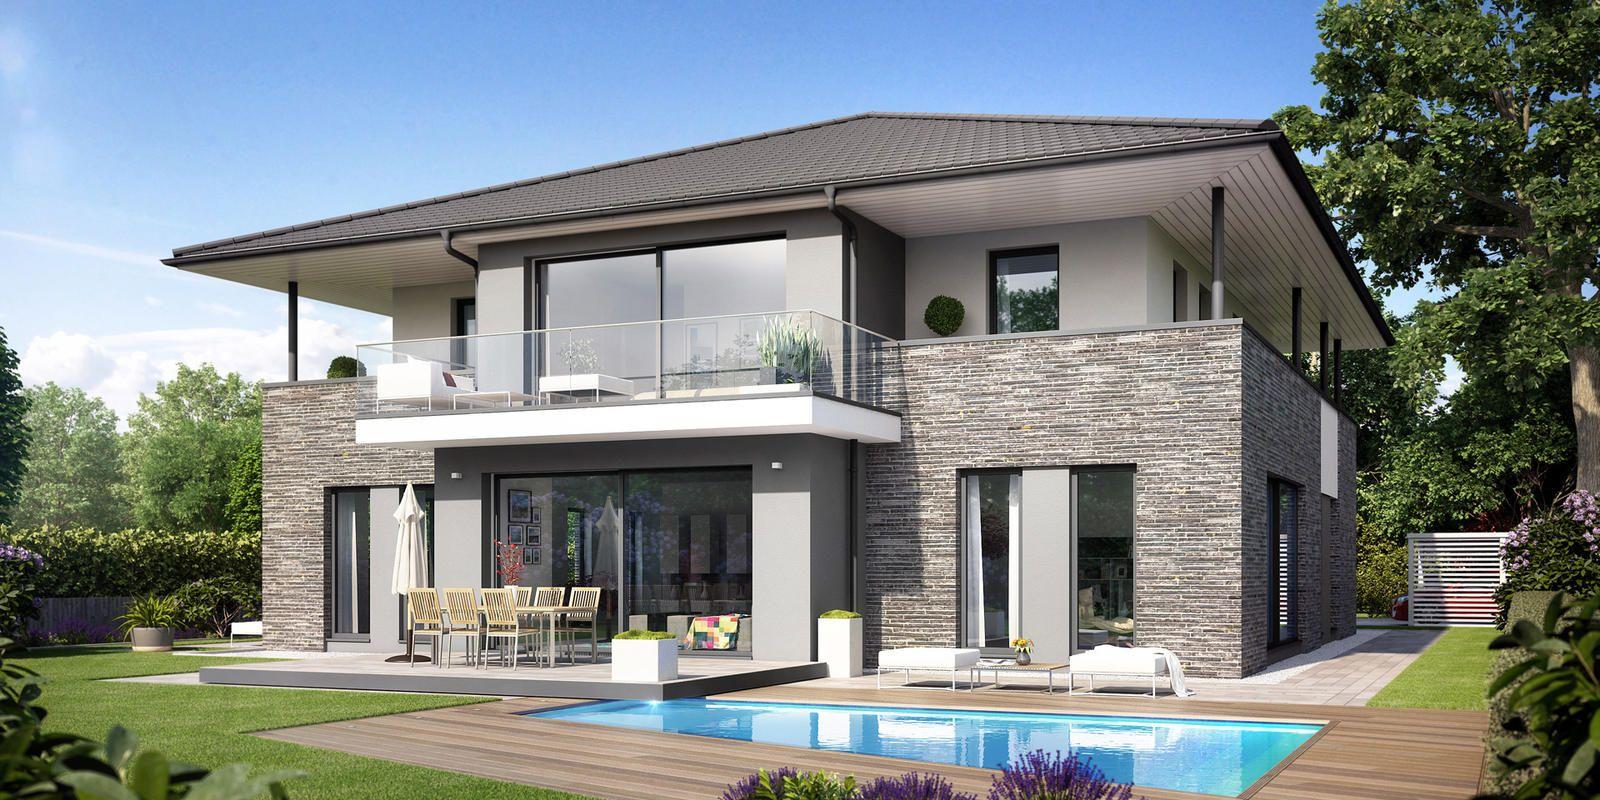 HausBild Exklusives Zuhause gesucht? Haus, Haus bauen